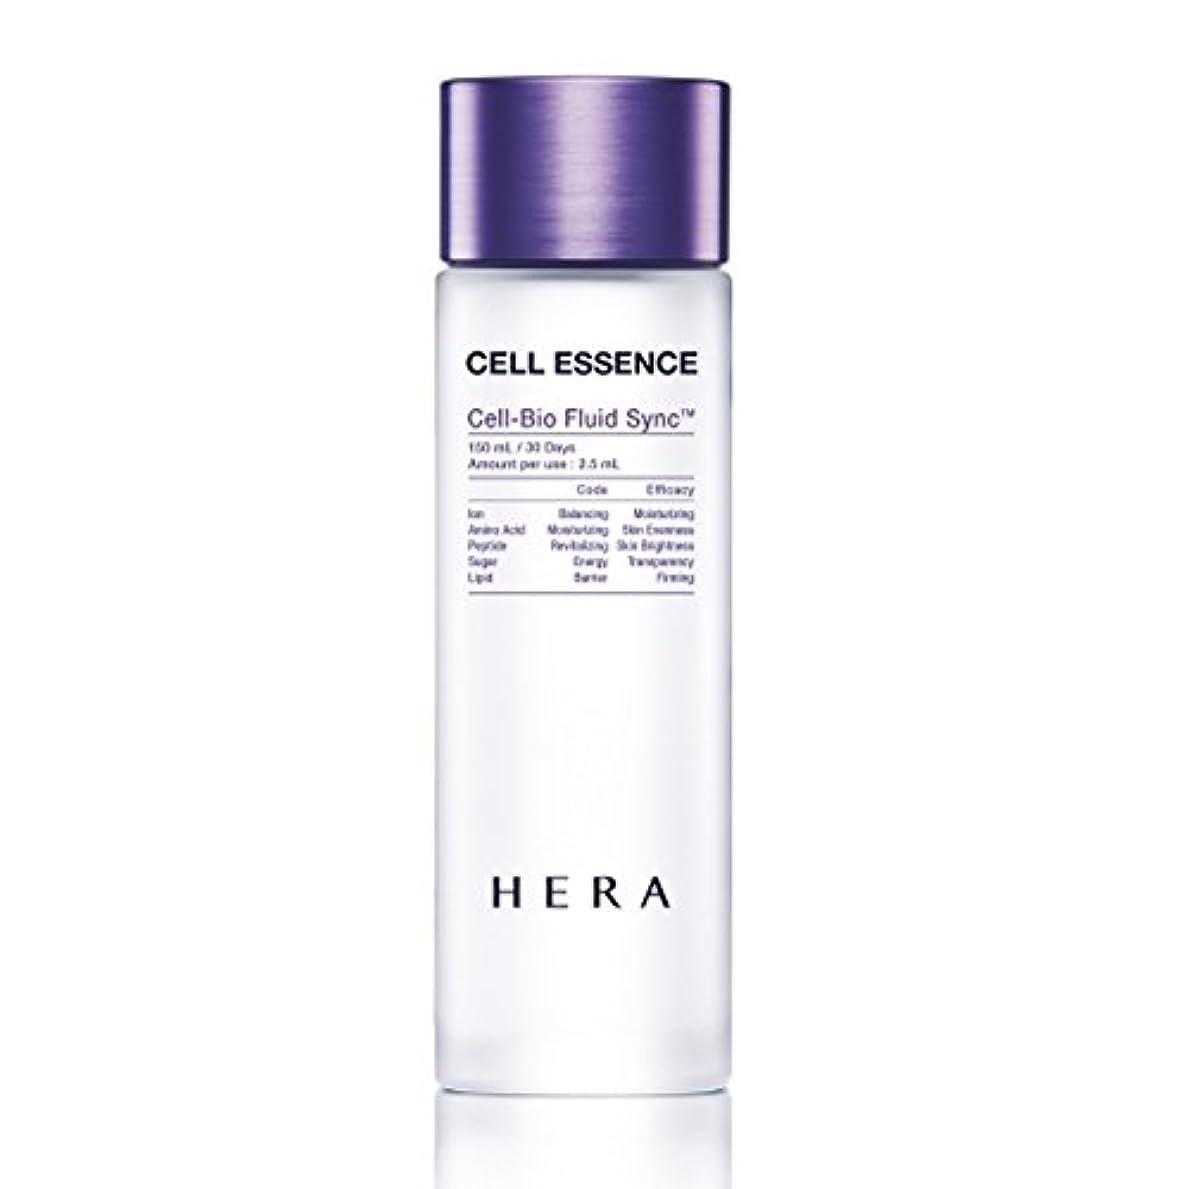 ジャンクアナウンサー剥離[ヘラ/HERA]HERA CELL ESSENCE/ヘラ セル エッセンス 150ml【美容液】(海外直送品)